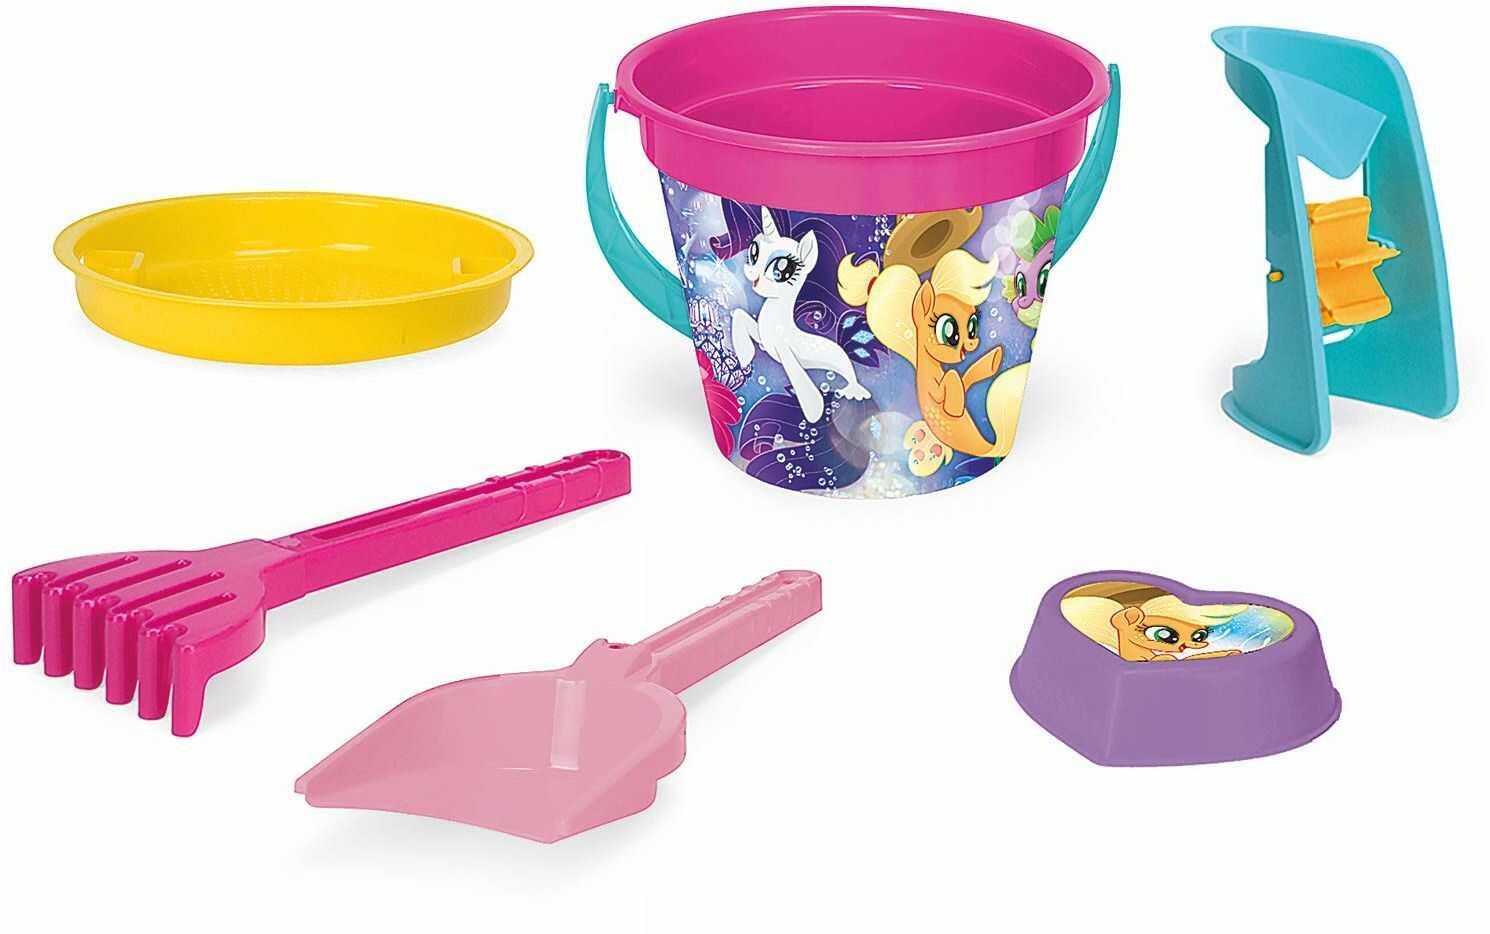 Wader 76237 My Little Pony zestaw wiader, sitko, młynek do piasku, szufelka, grabie i kształt piasku, 6-częściowy, kolorowy